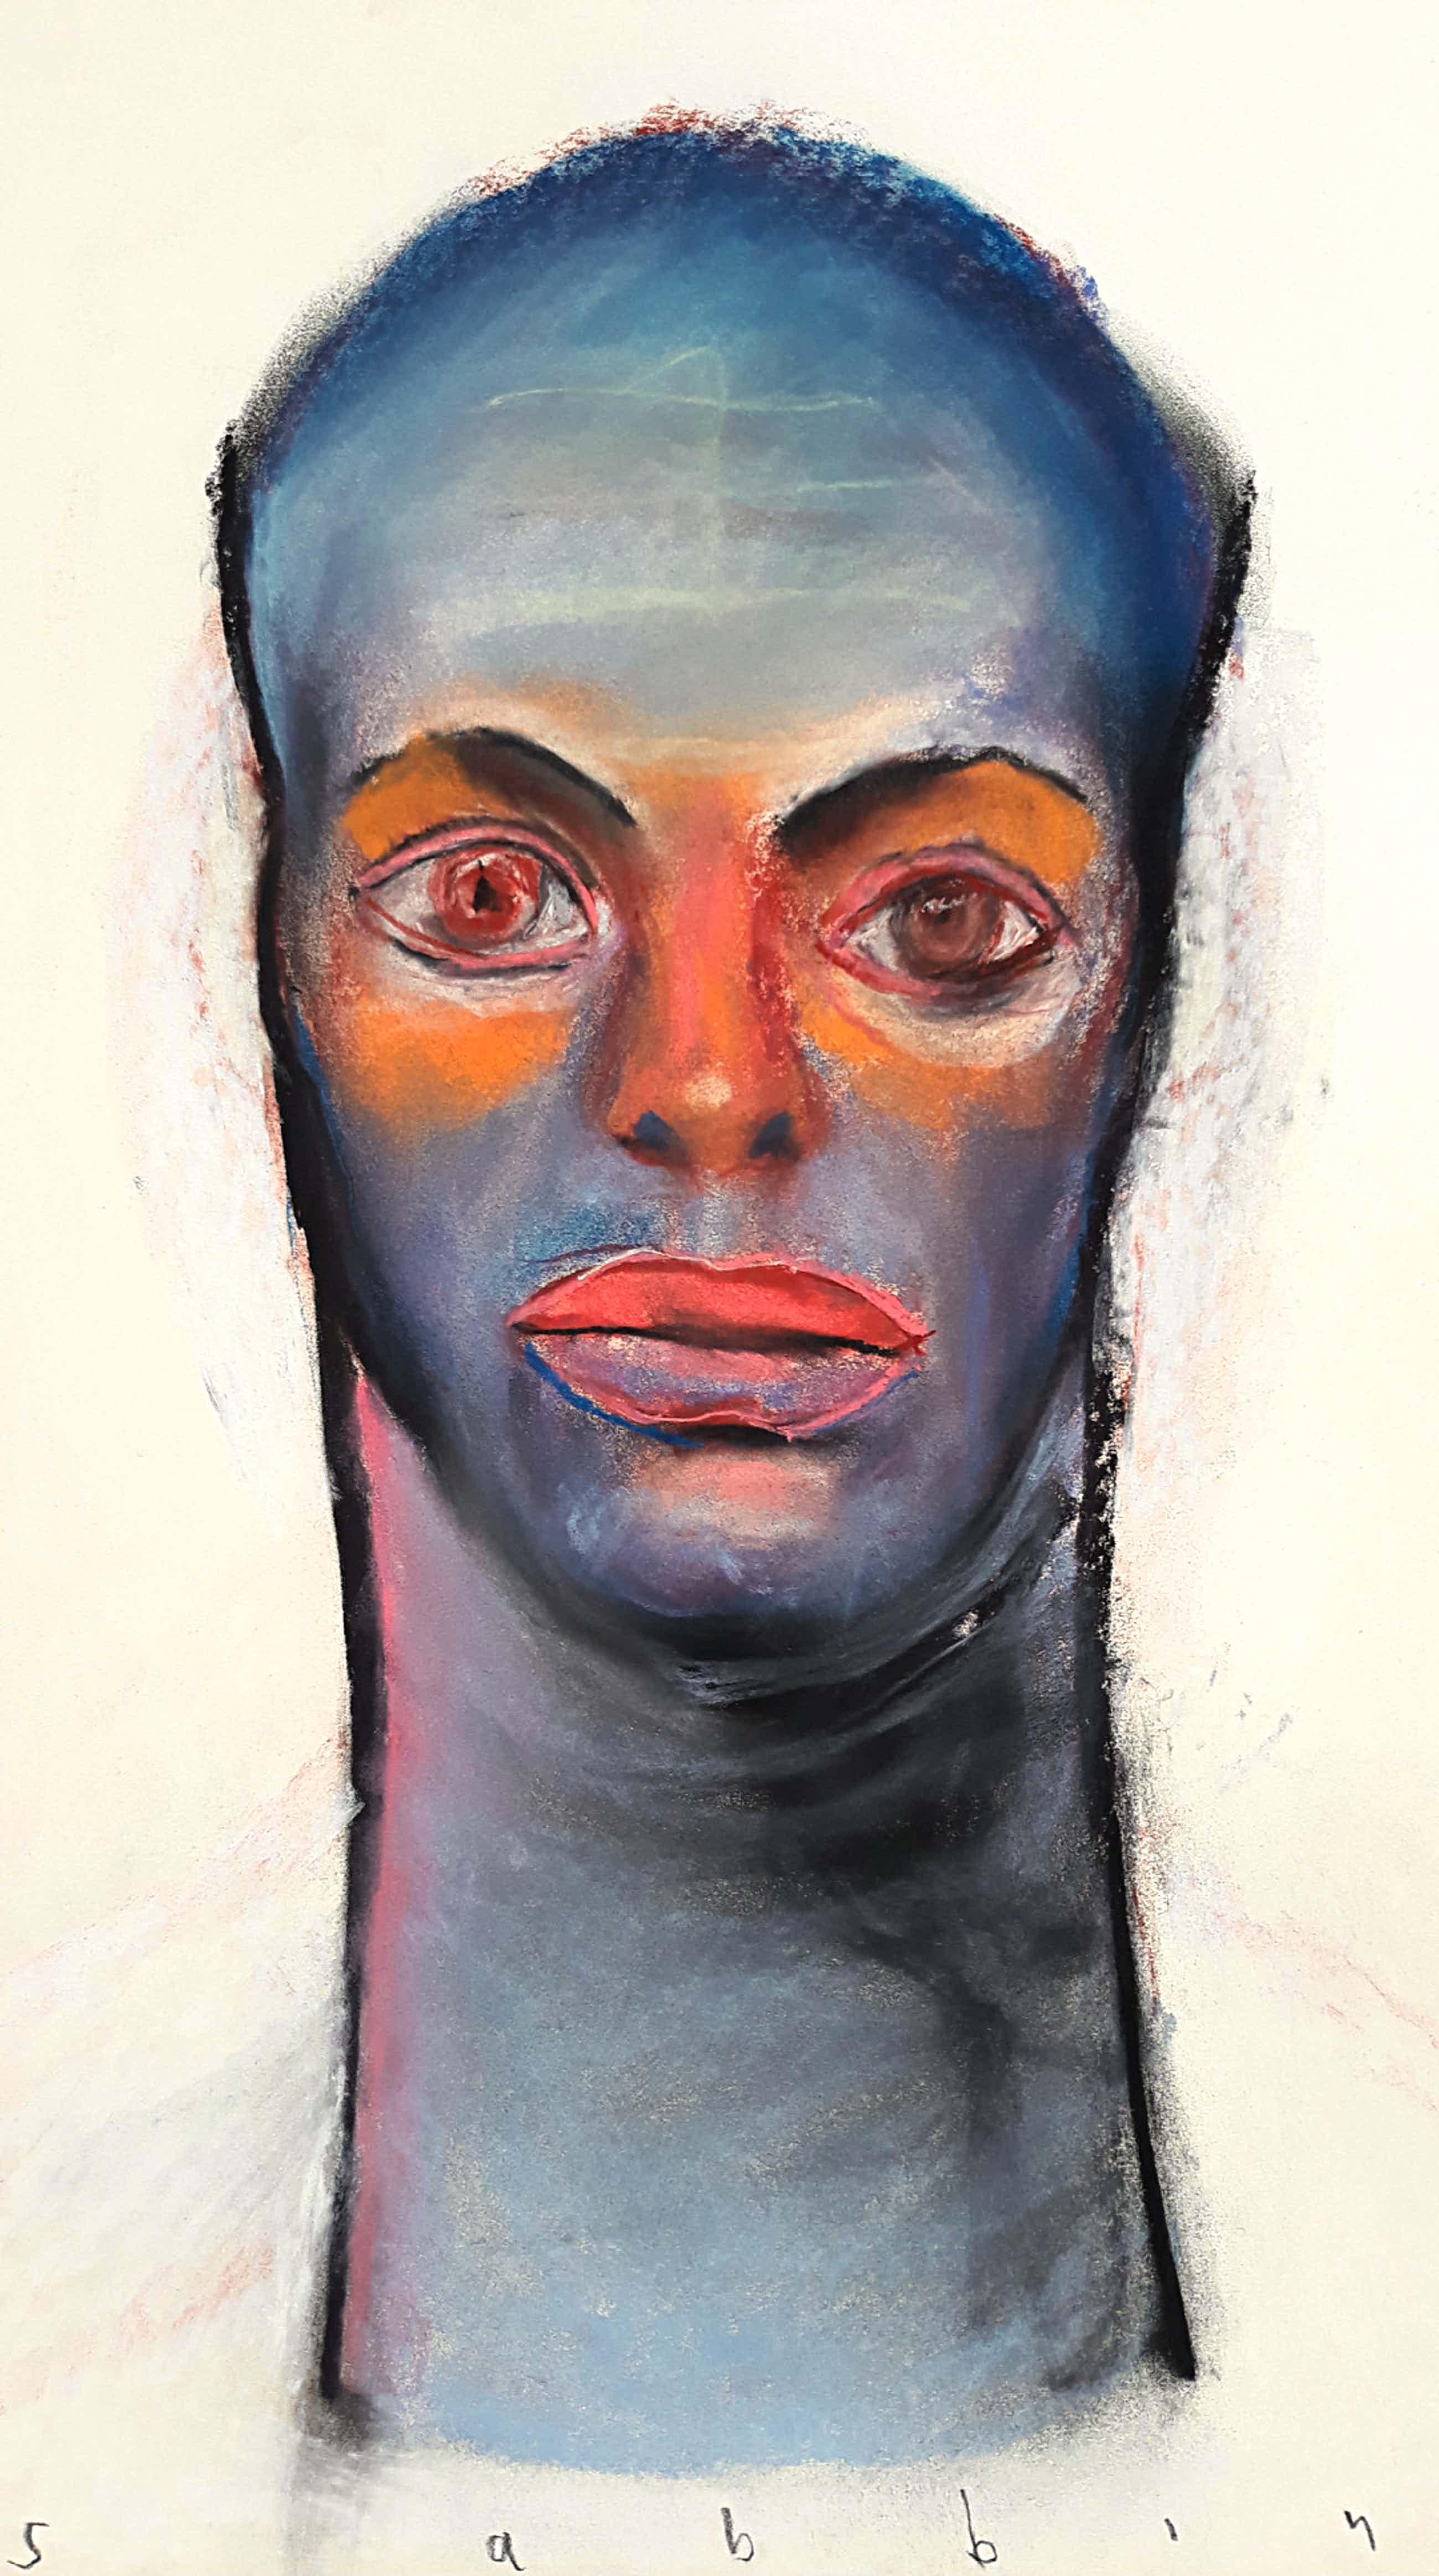 Hans Abbing - Portret van een man/vrouw, tekening met pastelkrijt kopen? Bied vanaf 295!